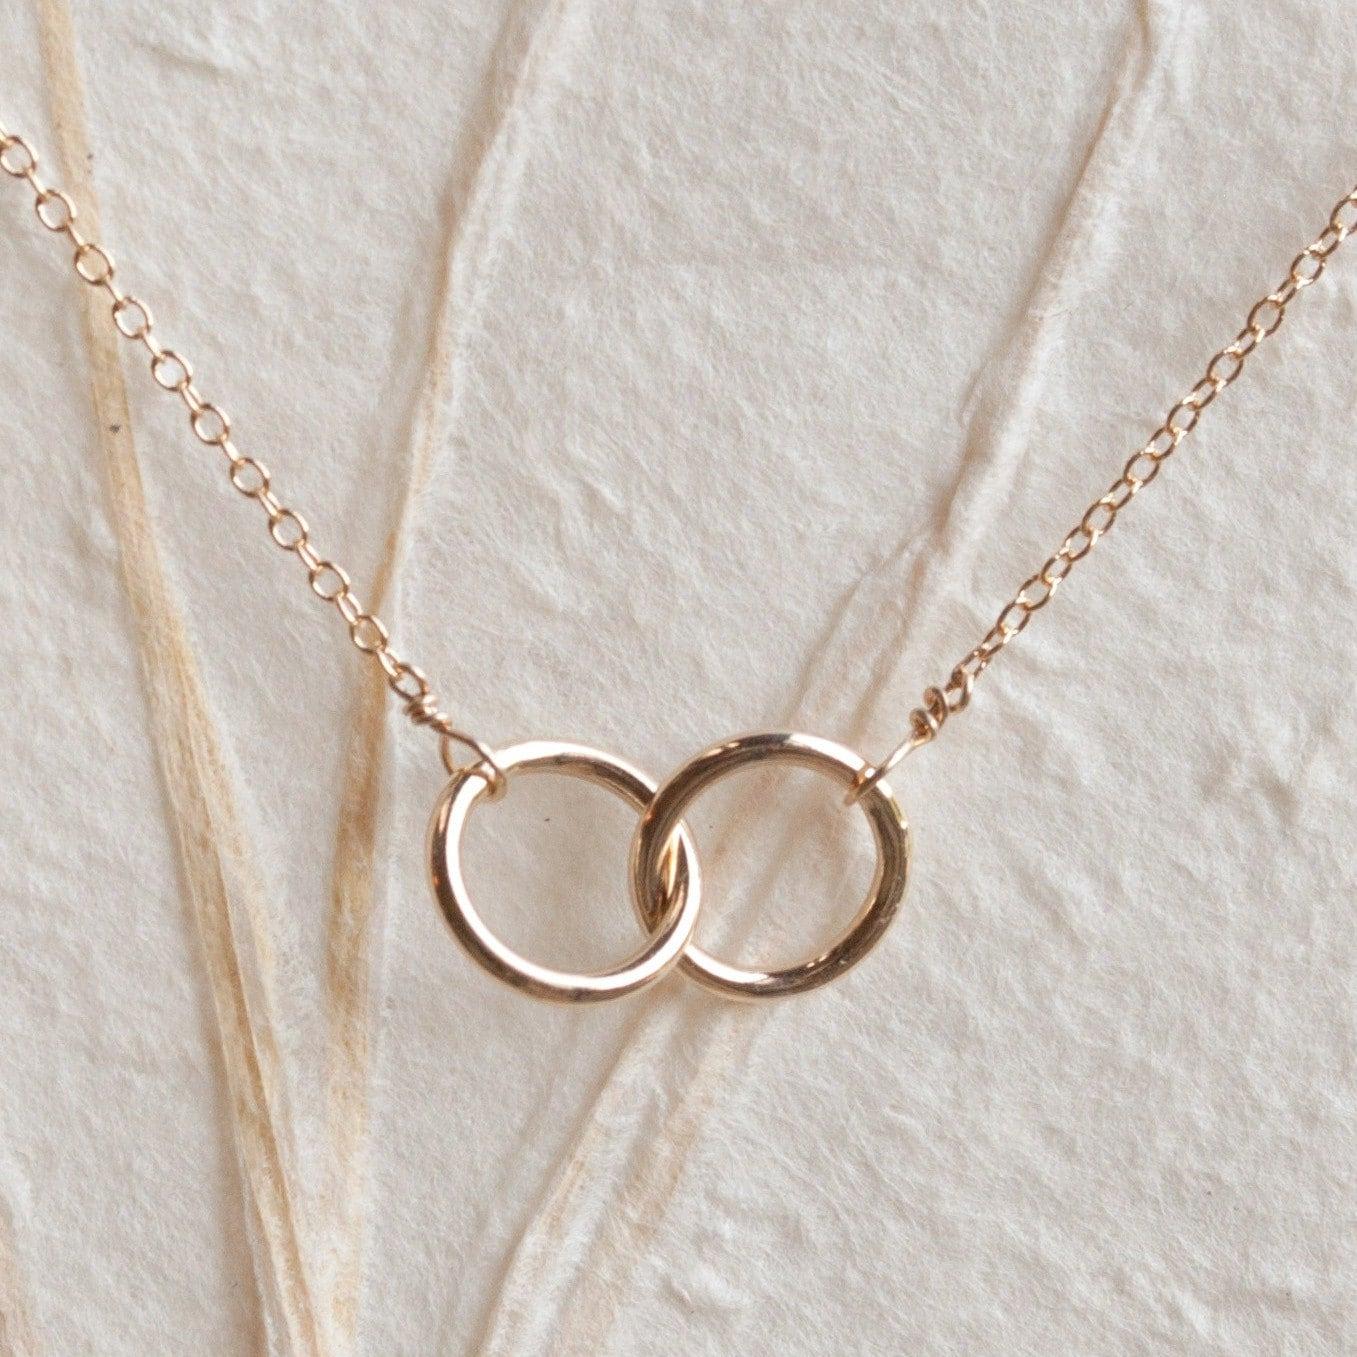 Kette zwei ringe ineinander  Modeschmuck